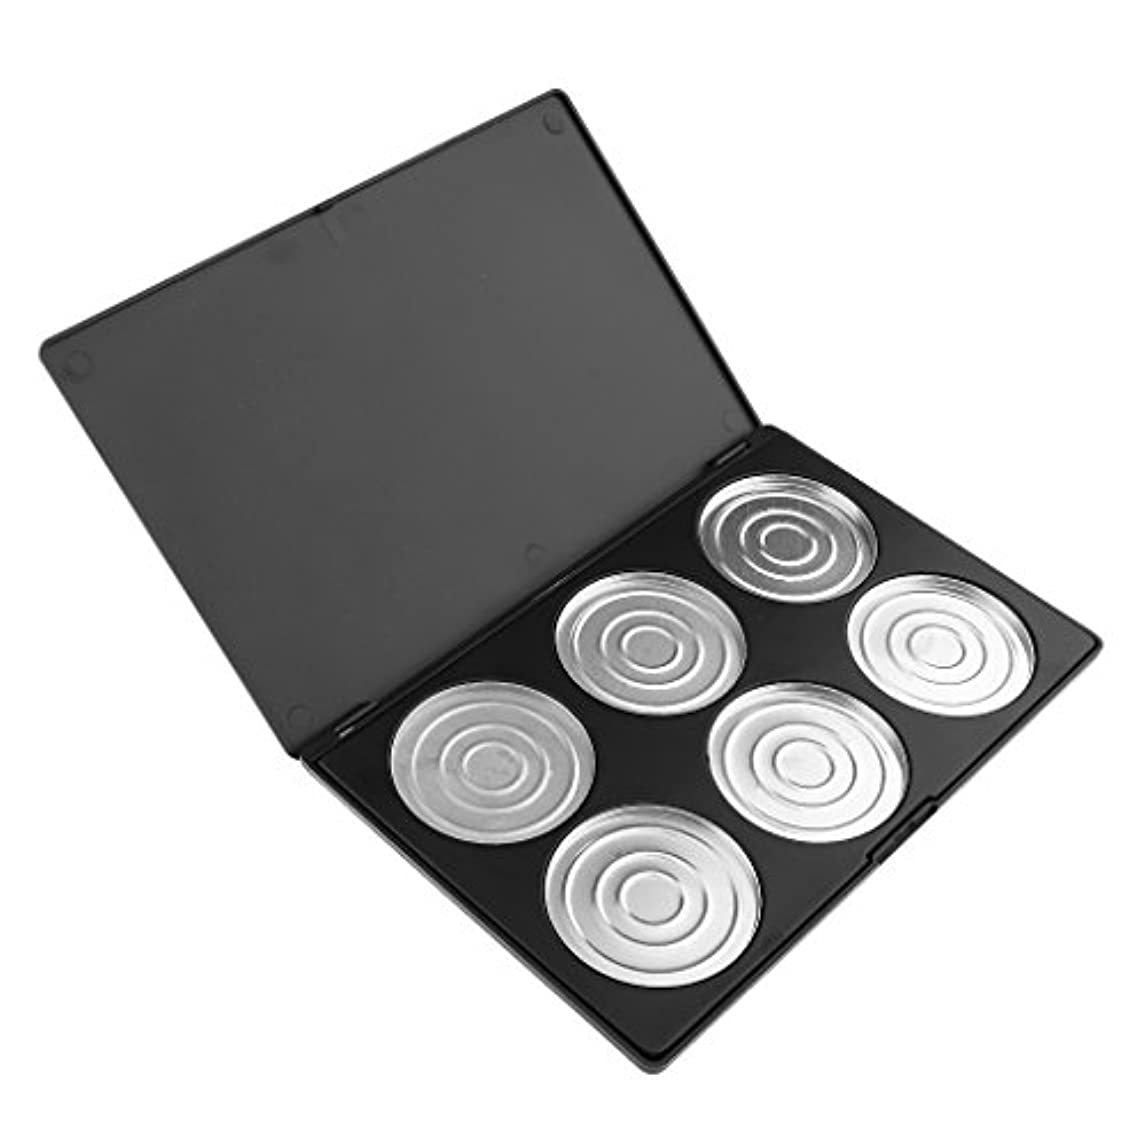 ジョージエリオットドリルフォーク12グリッド メイク 空 アイシャドーブラッシャー リップグロス パレット 化粧品 全2種類 - 6色収納ケース